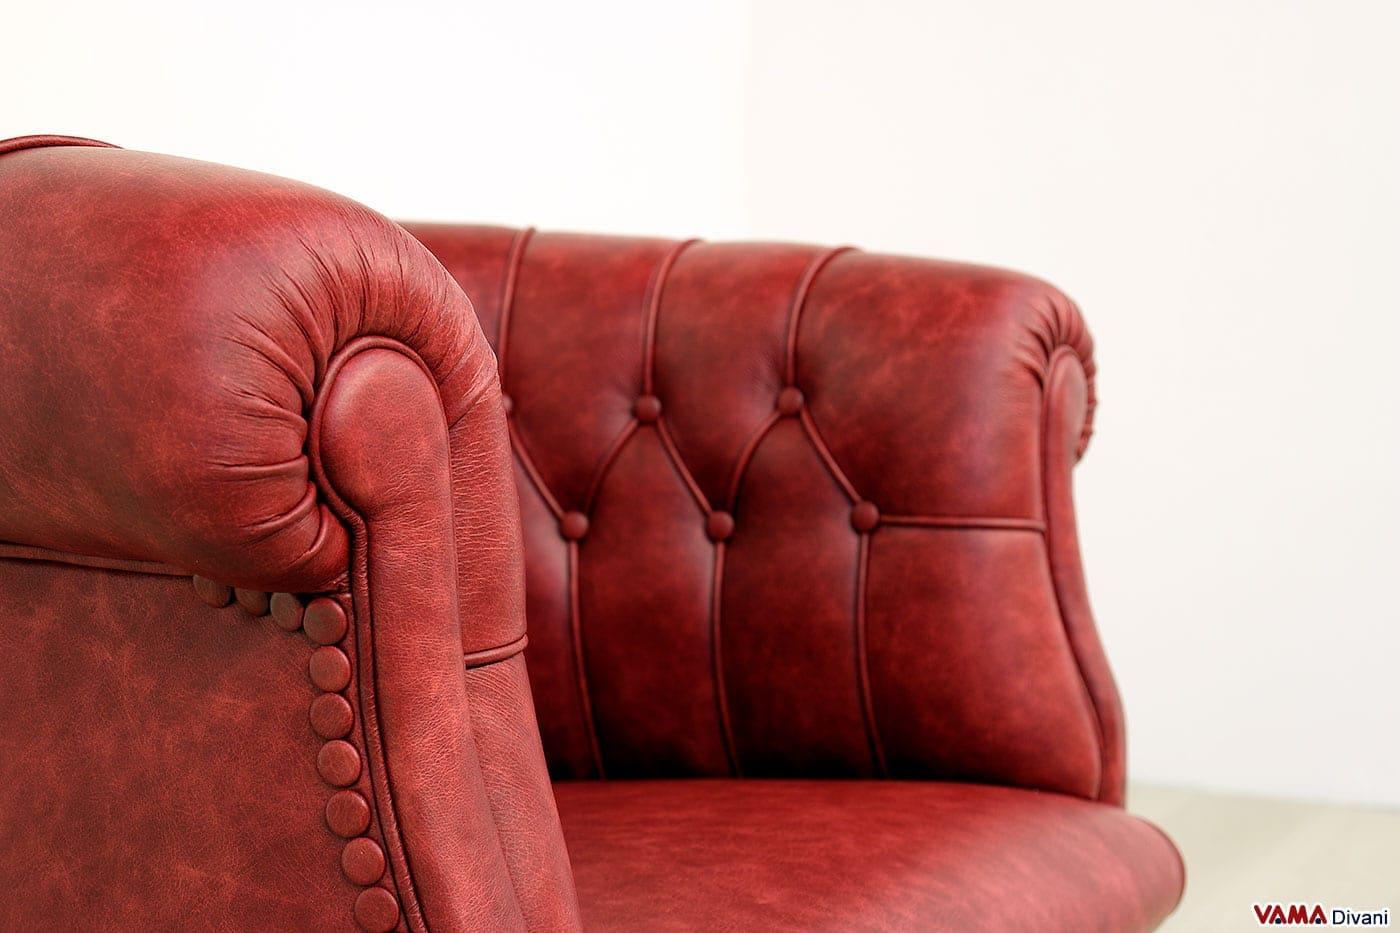 Poltroncina imbottita pozzetto in pelle rossa vintage